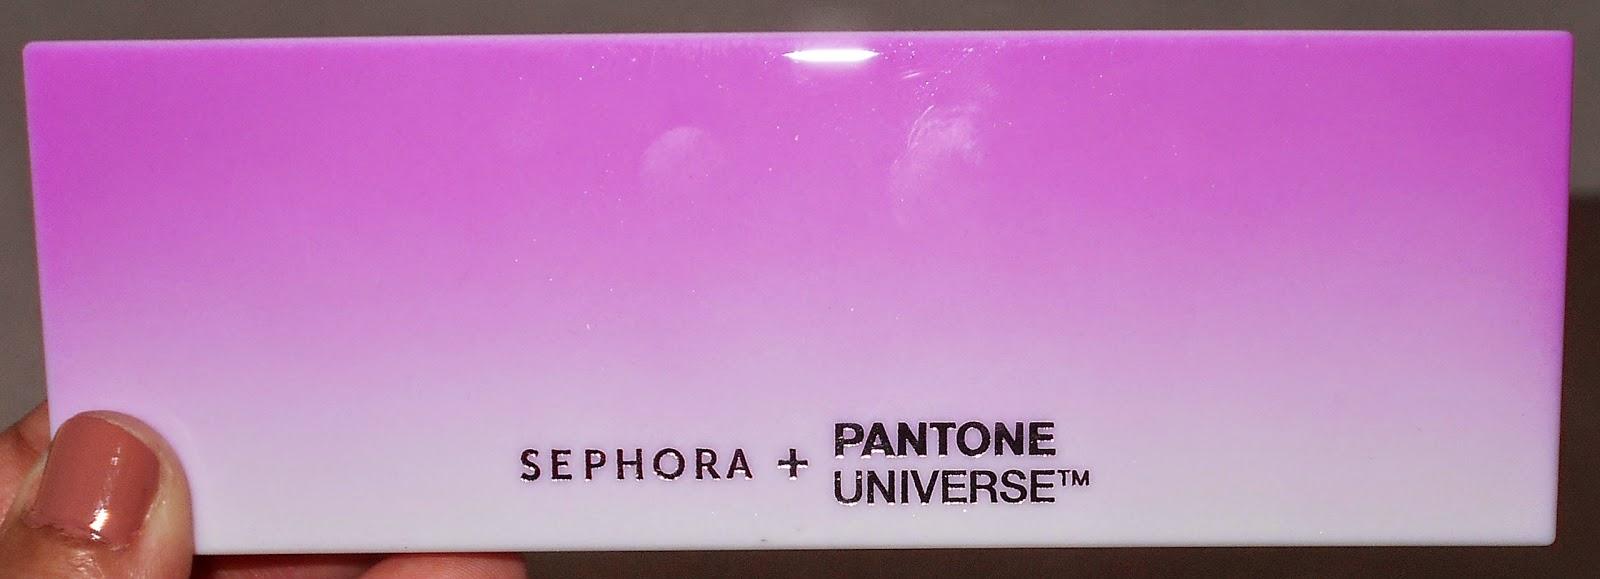 Sephora + Pantone Universe Rush Luster Cheek Sweep